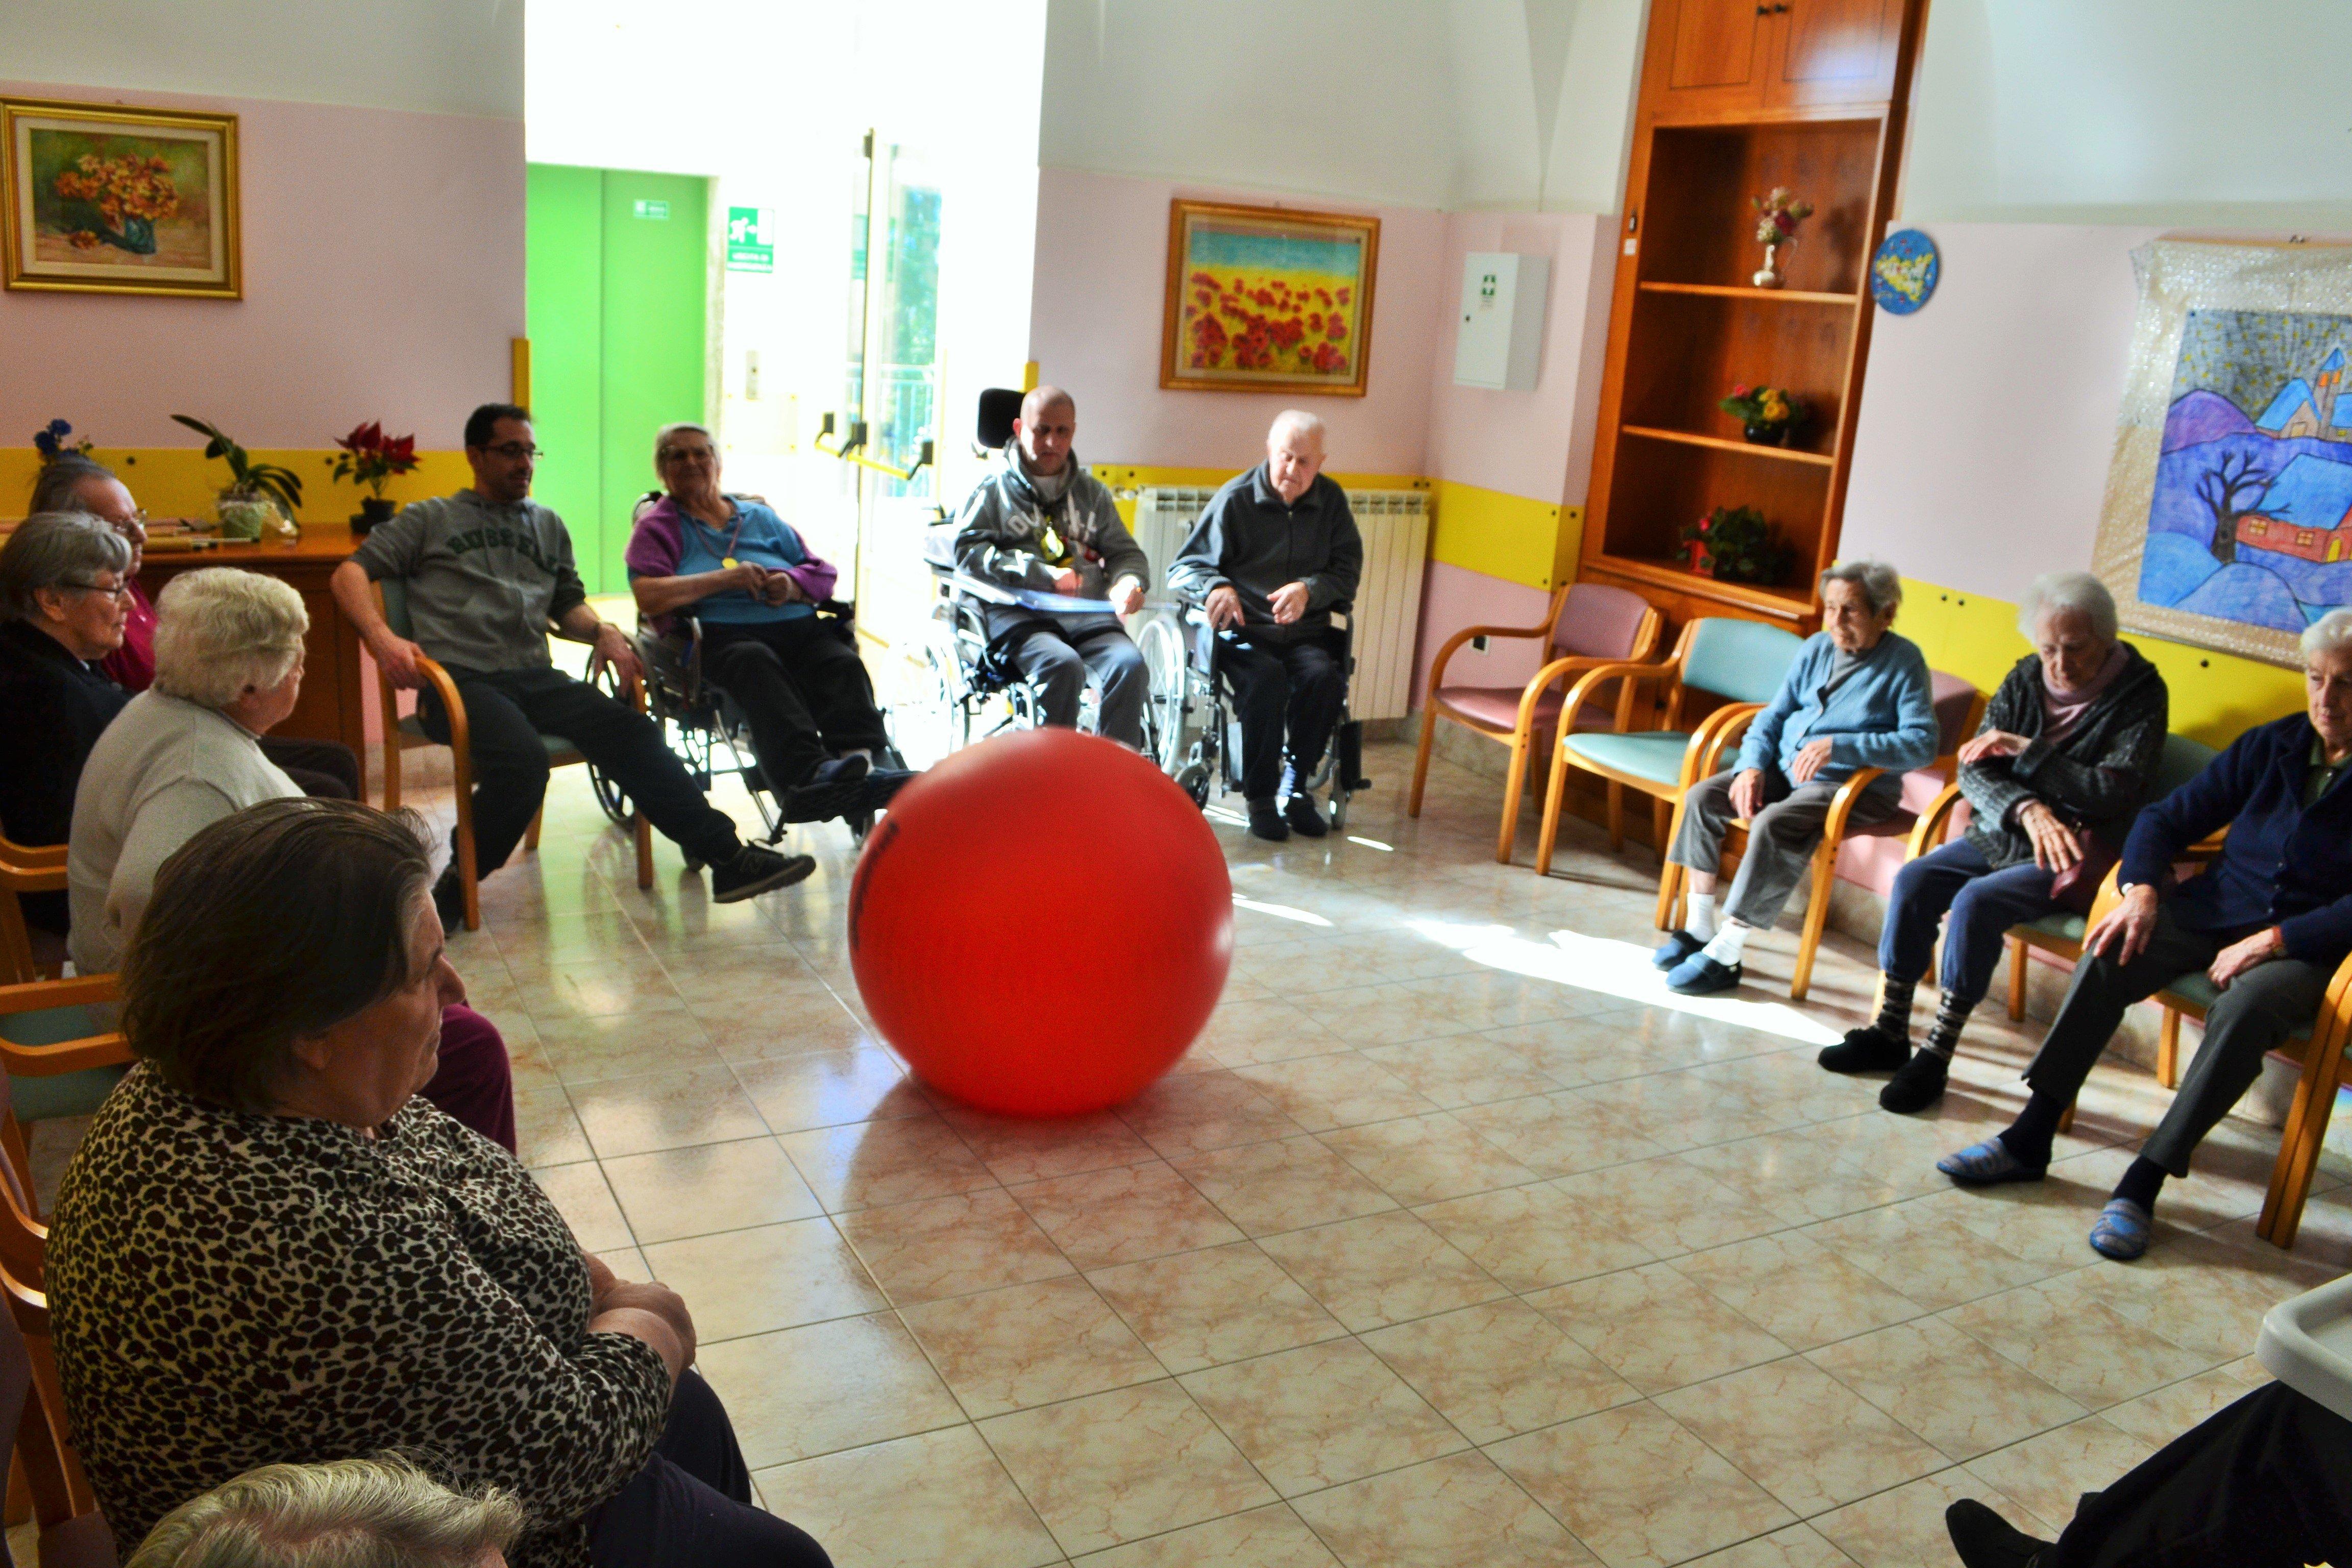 ginnastica di gruppo con palla rossa